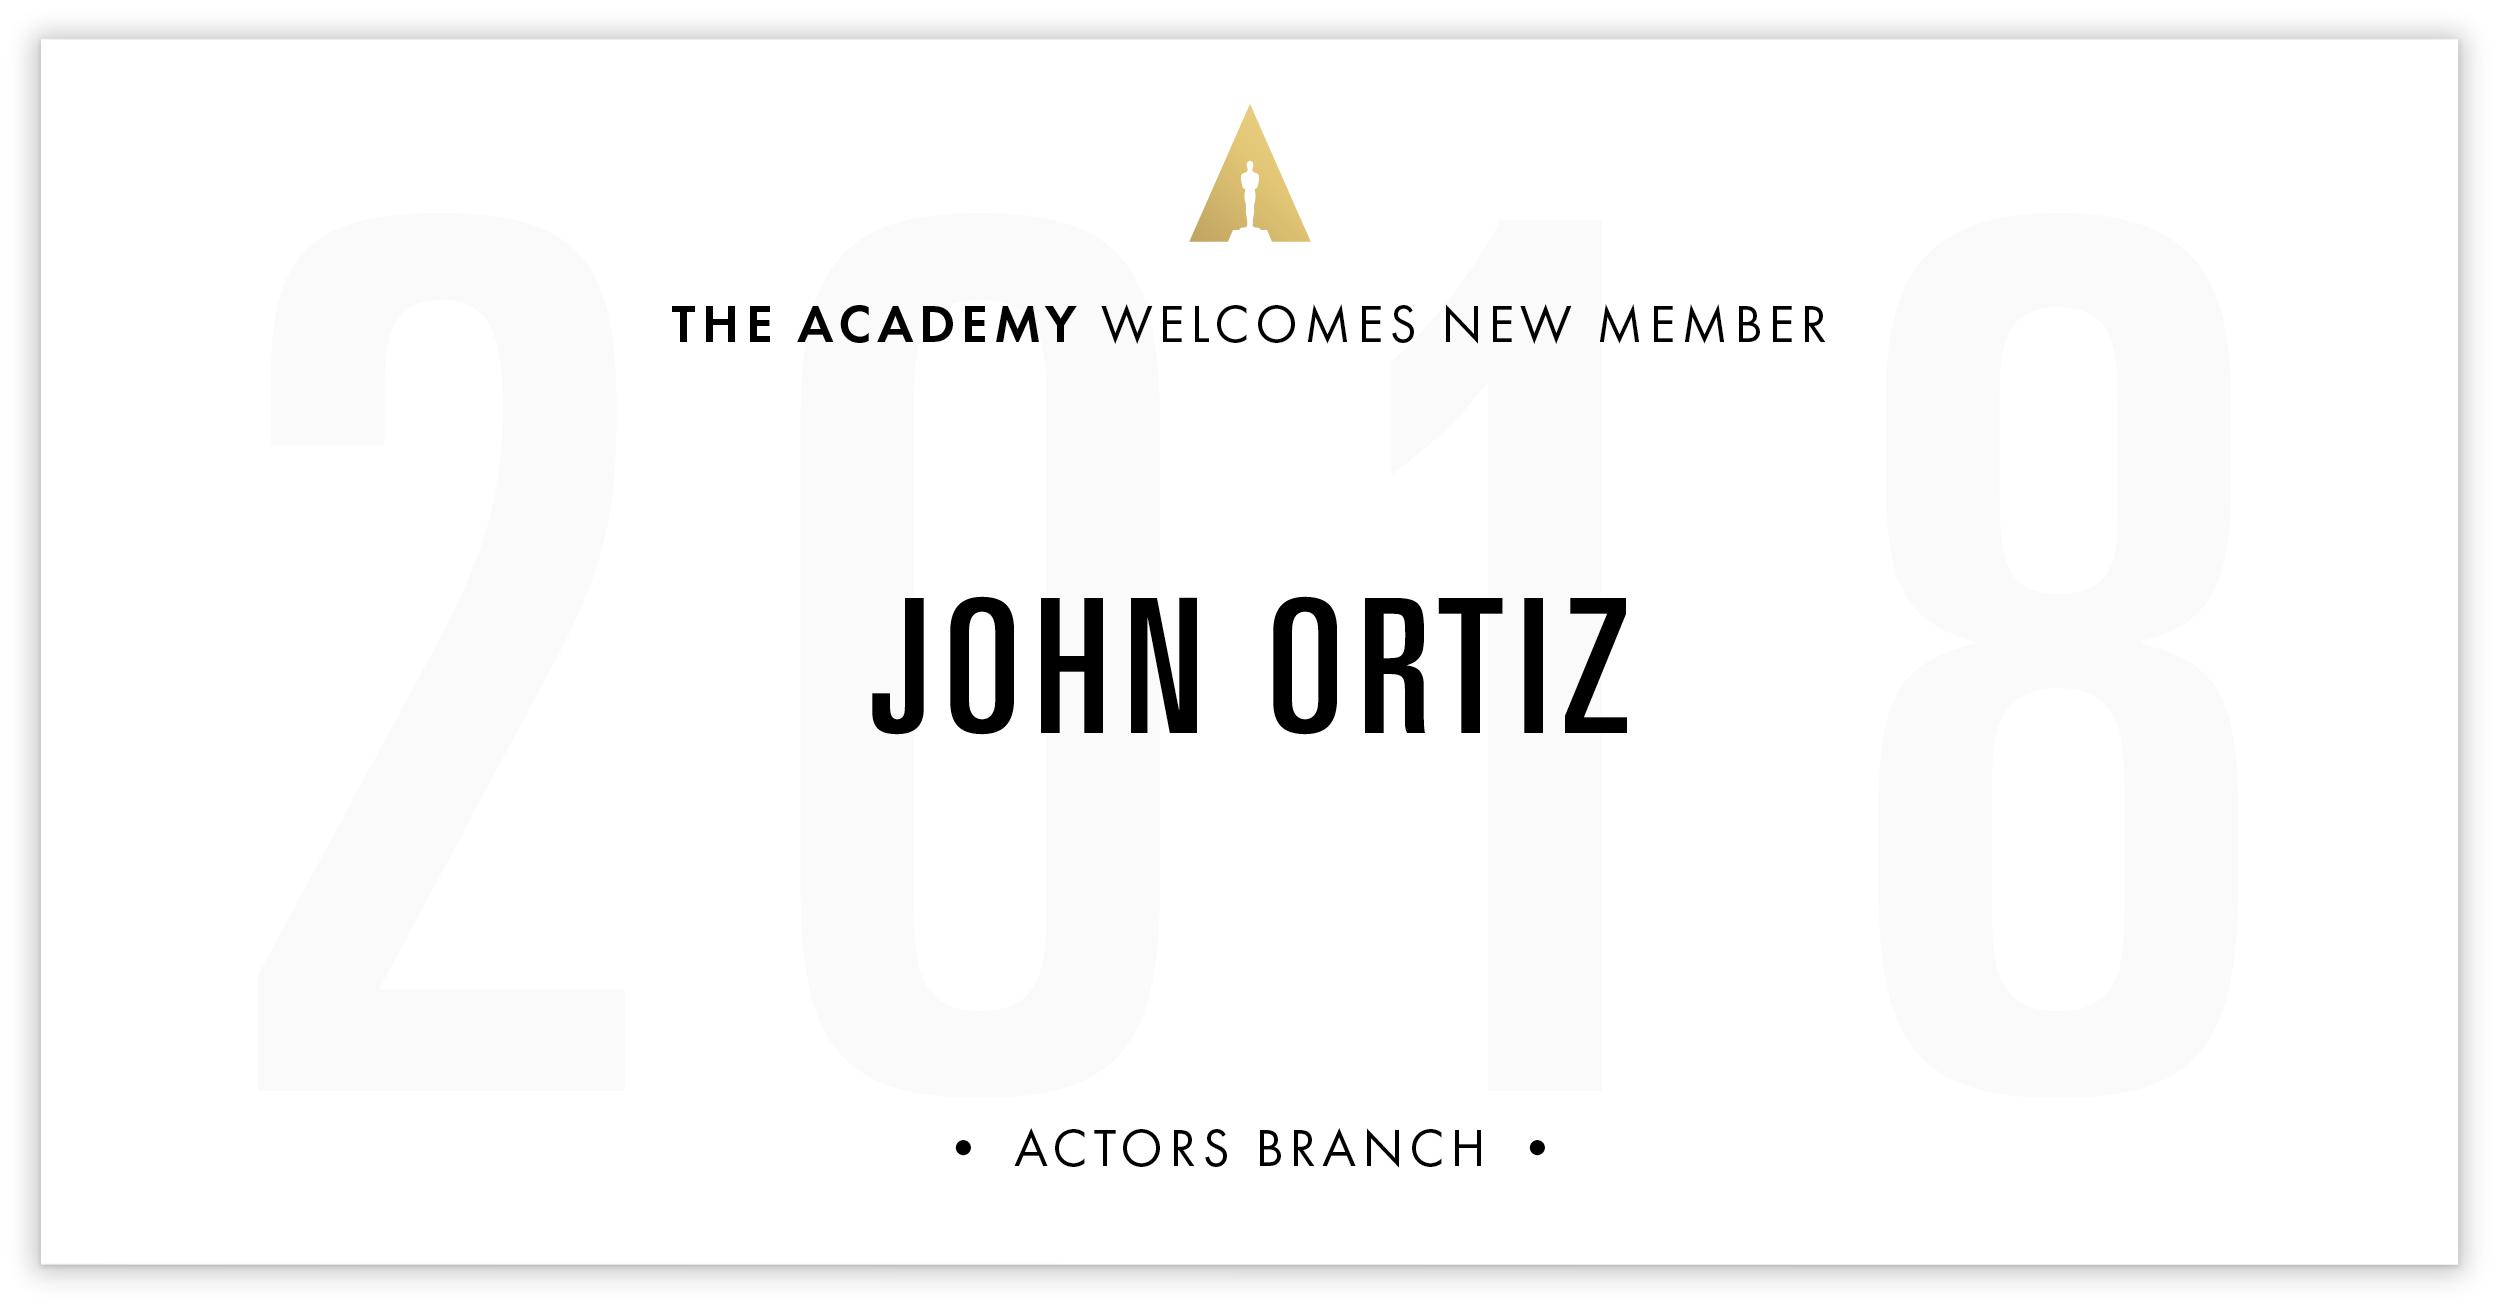 John Ortiz is invited!